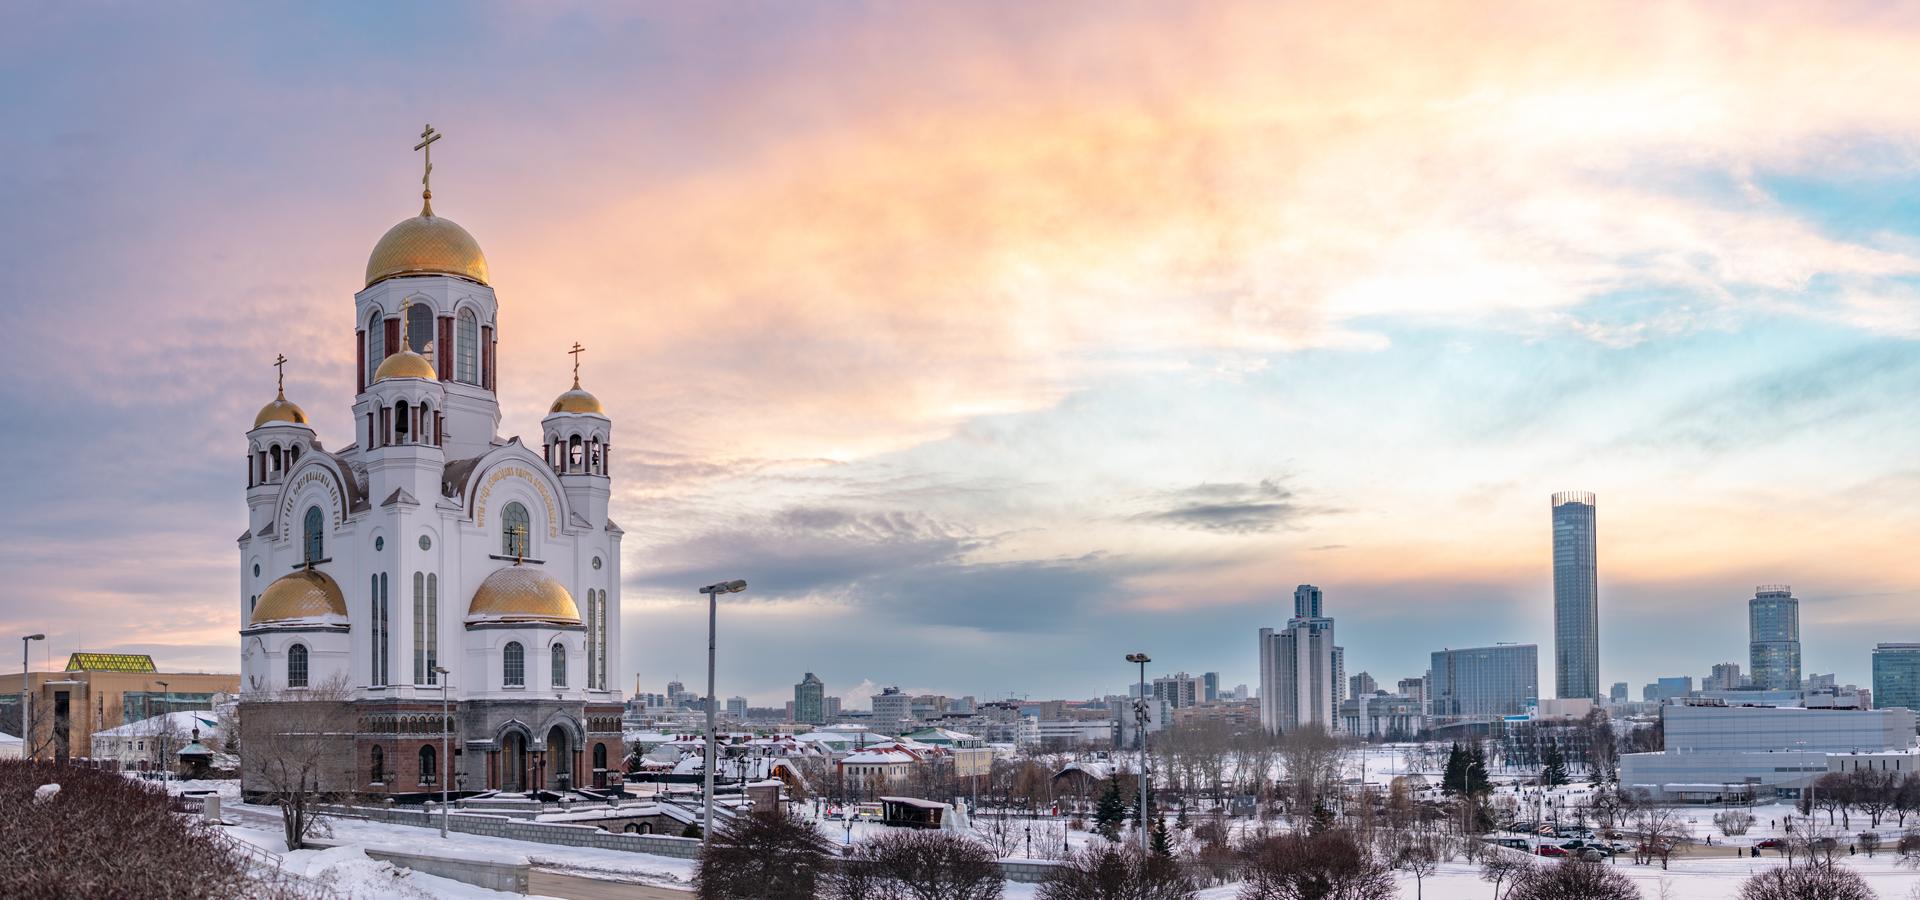 Yekaterinburg Time